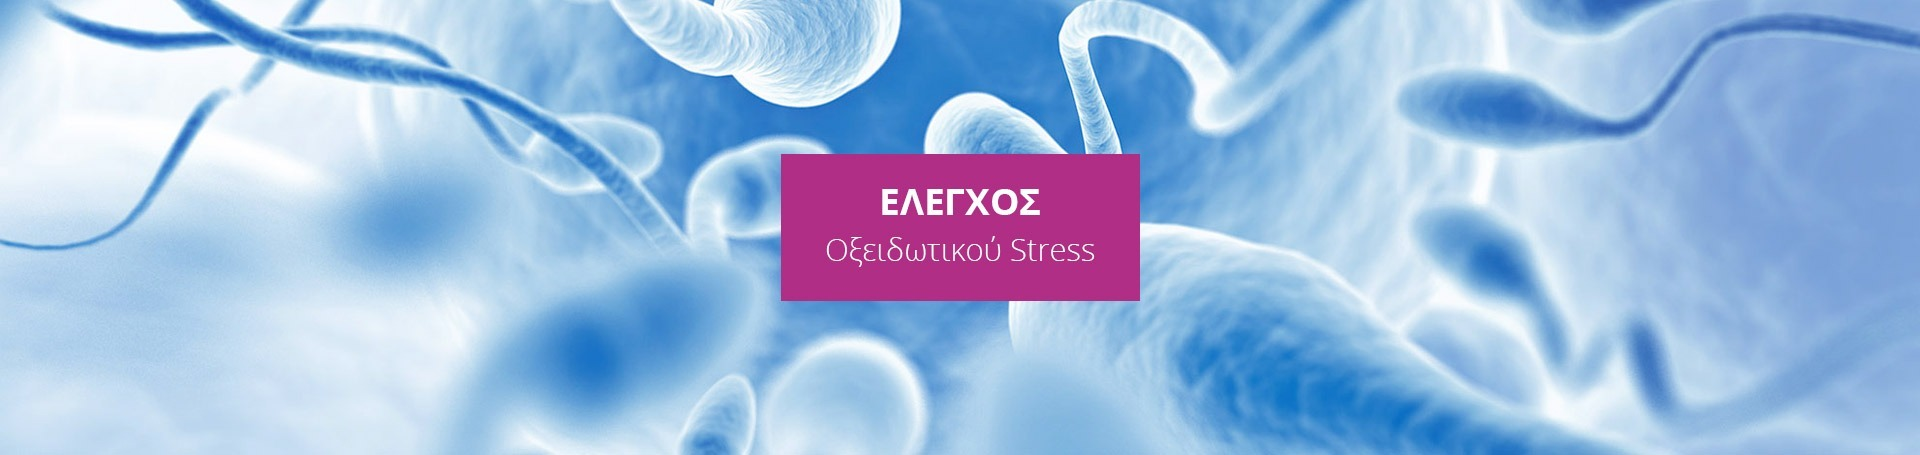 Έλεγχος Οξειδωτικού Stress